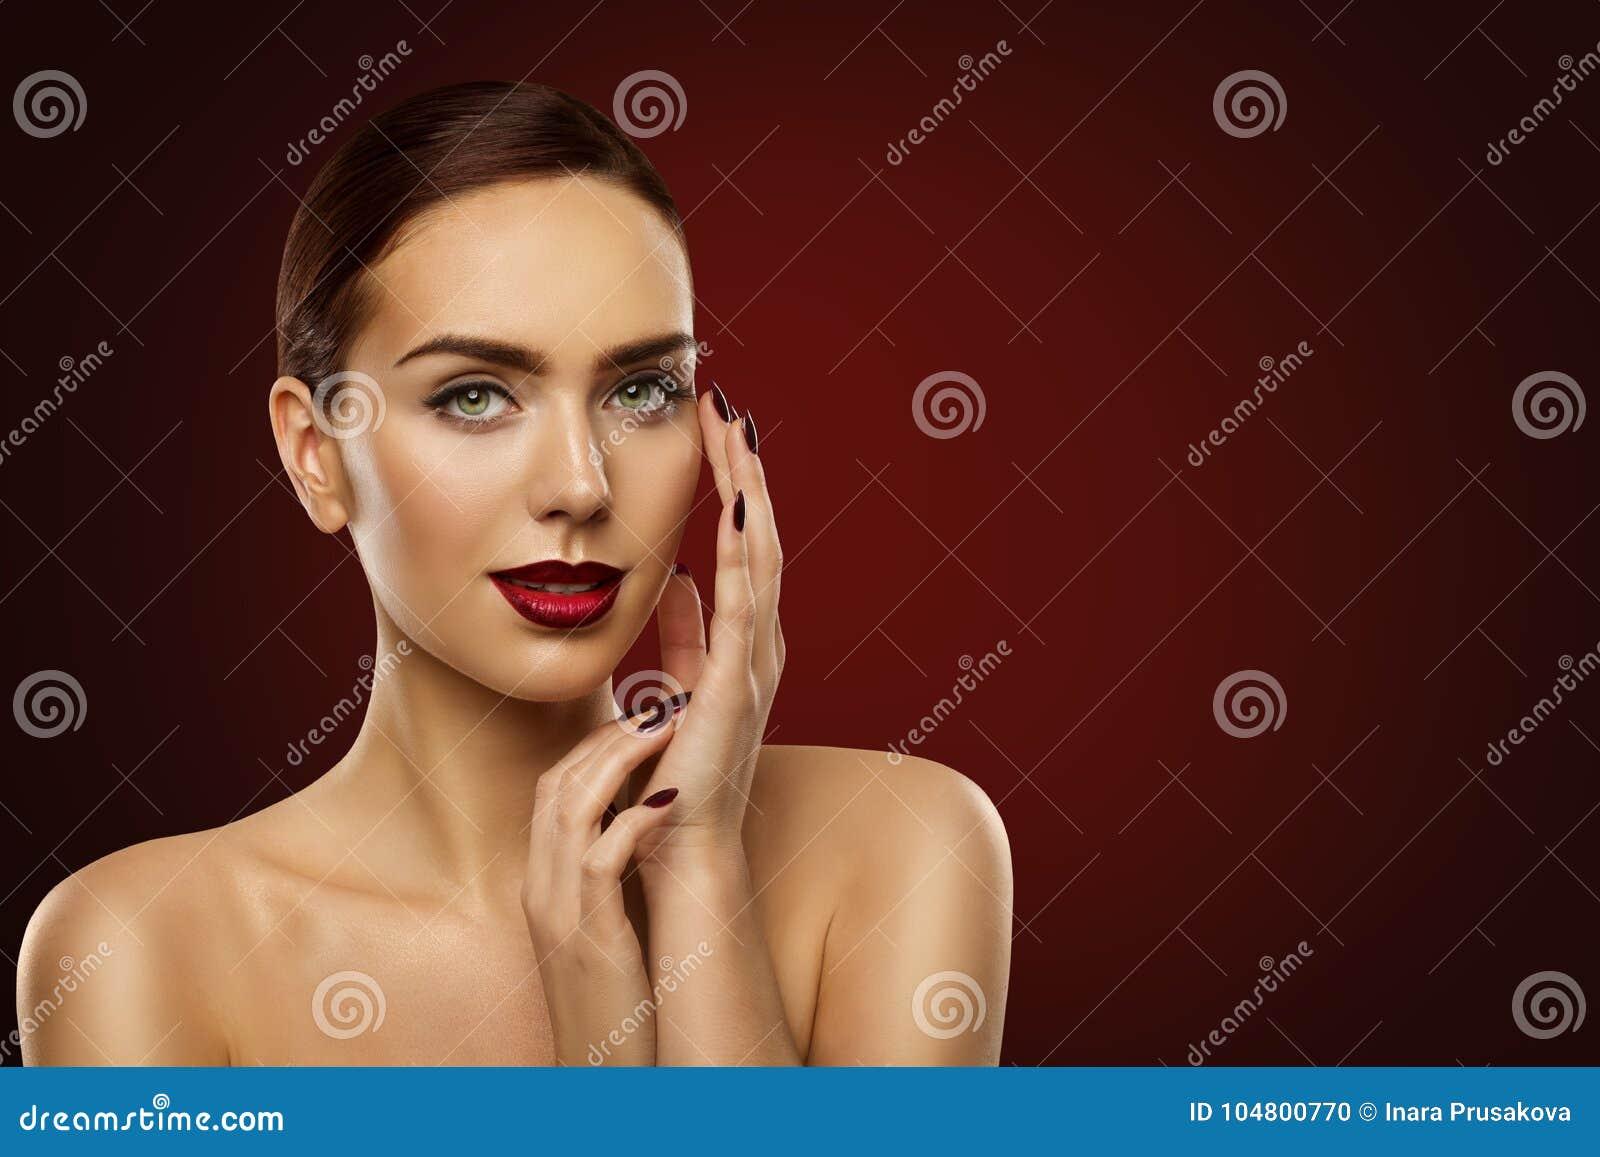 Η ομορφιά Makeup, πρότυπα σκούρο κόκκινο καρφιά γυναικών μόδας και αποτελεί